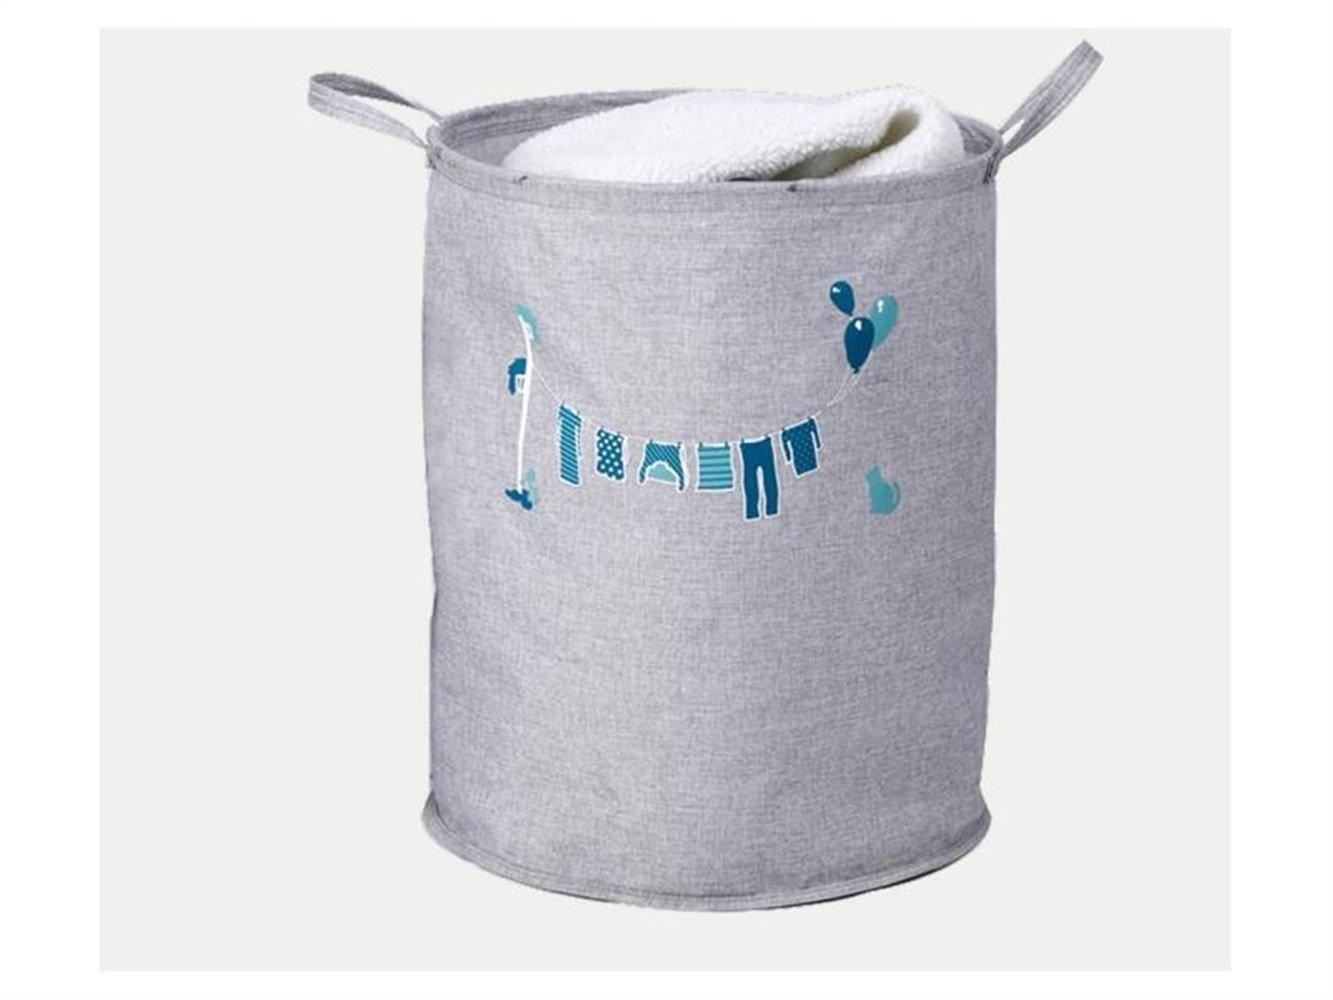 Gelaiken Lightweight Clothing Pattern Storage Bucket Cotton and Linen Bucket Sundries Storage Bucket(Grey)